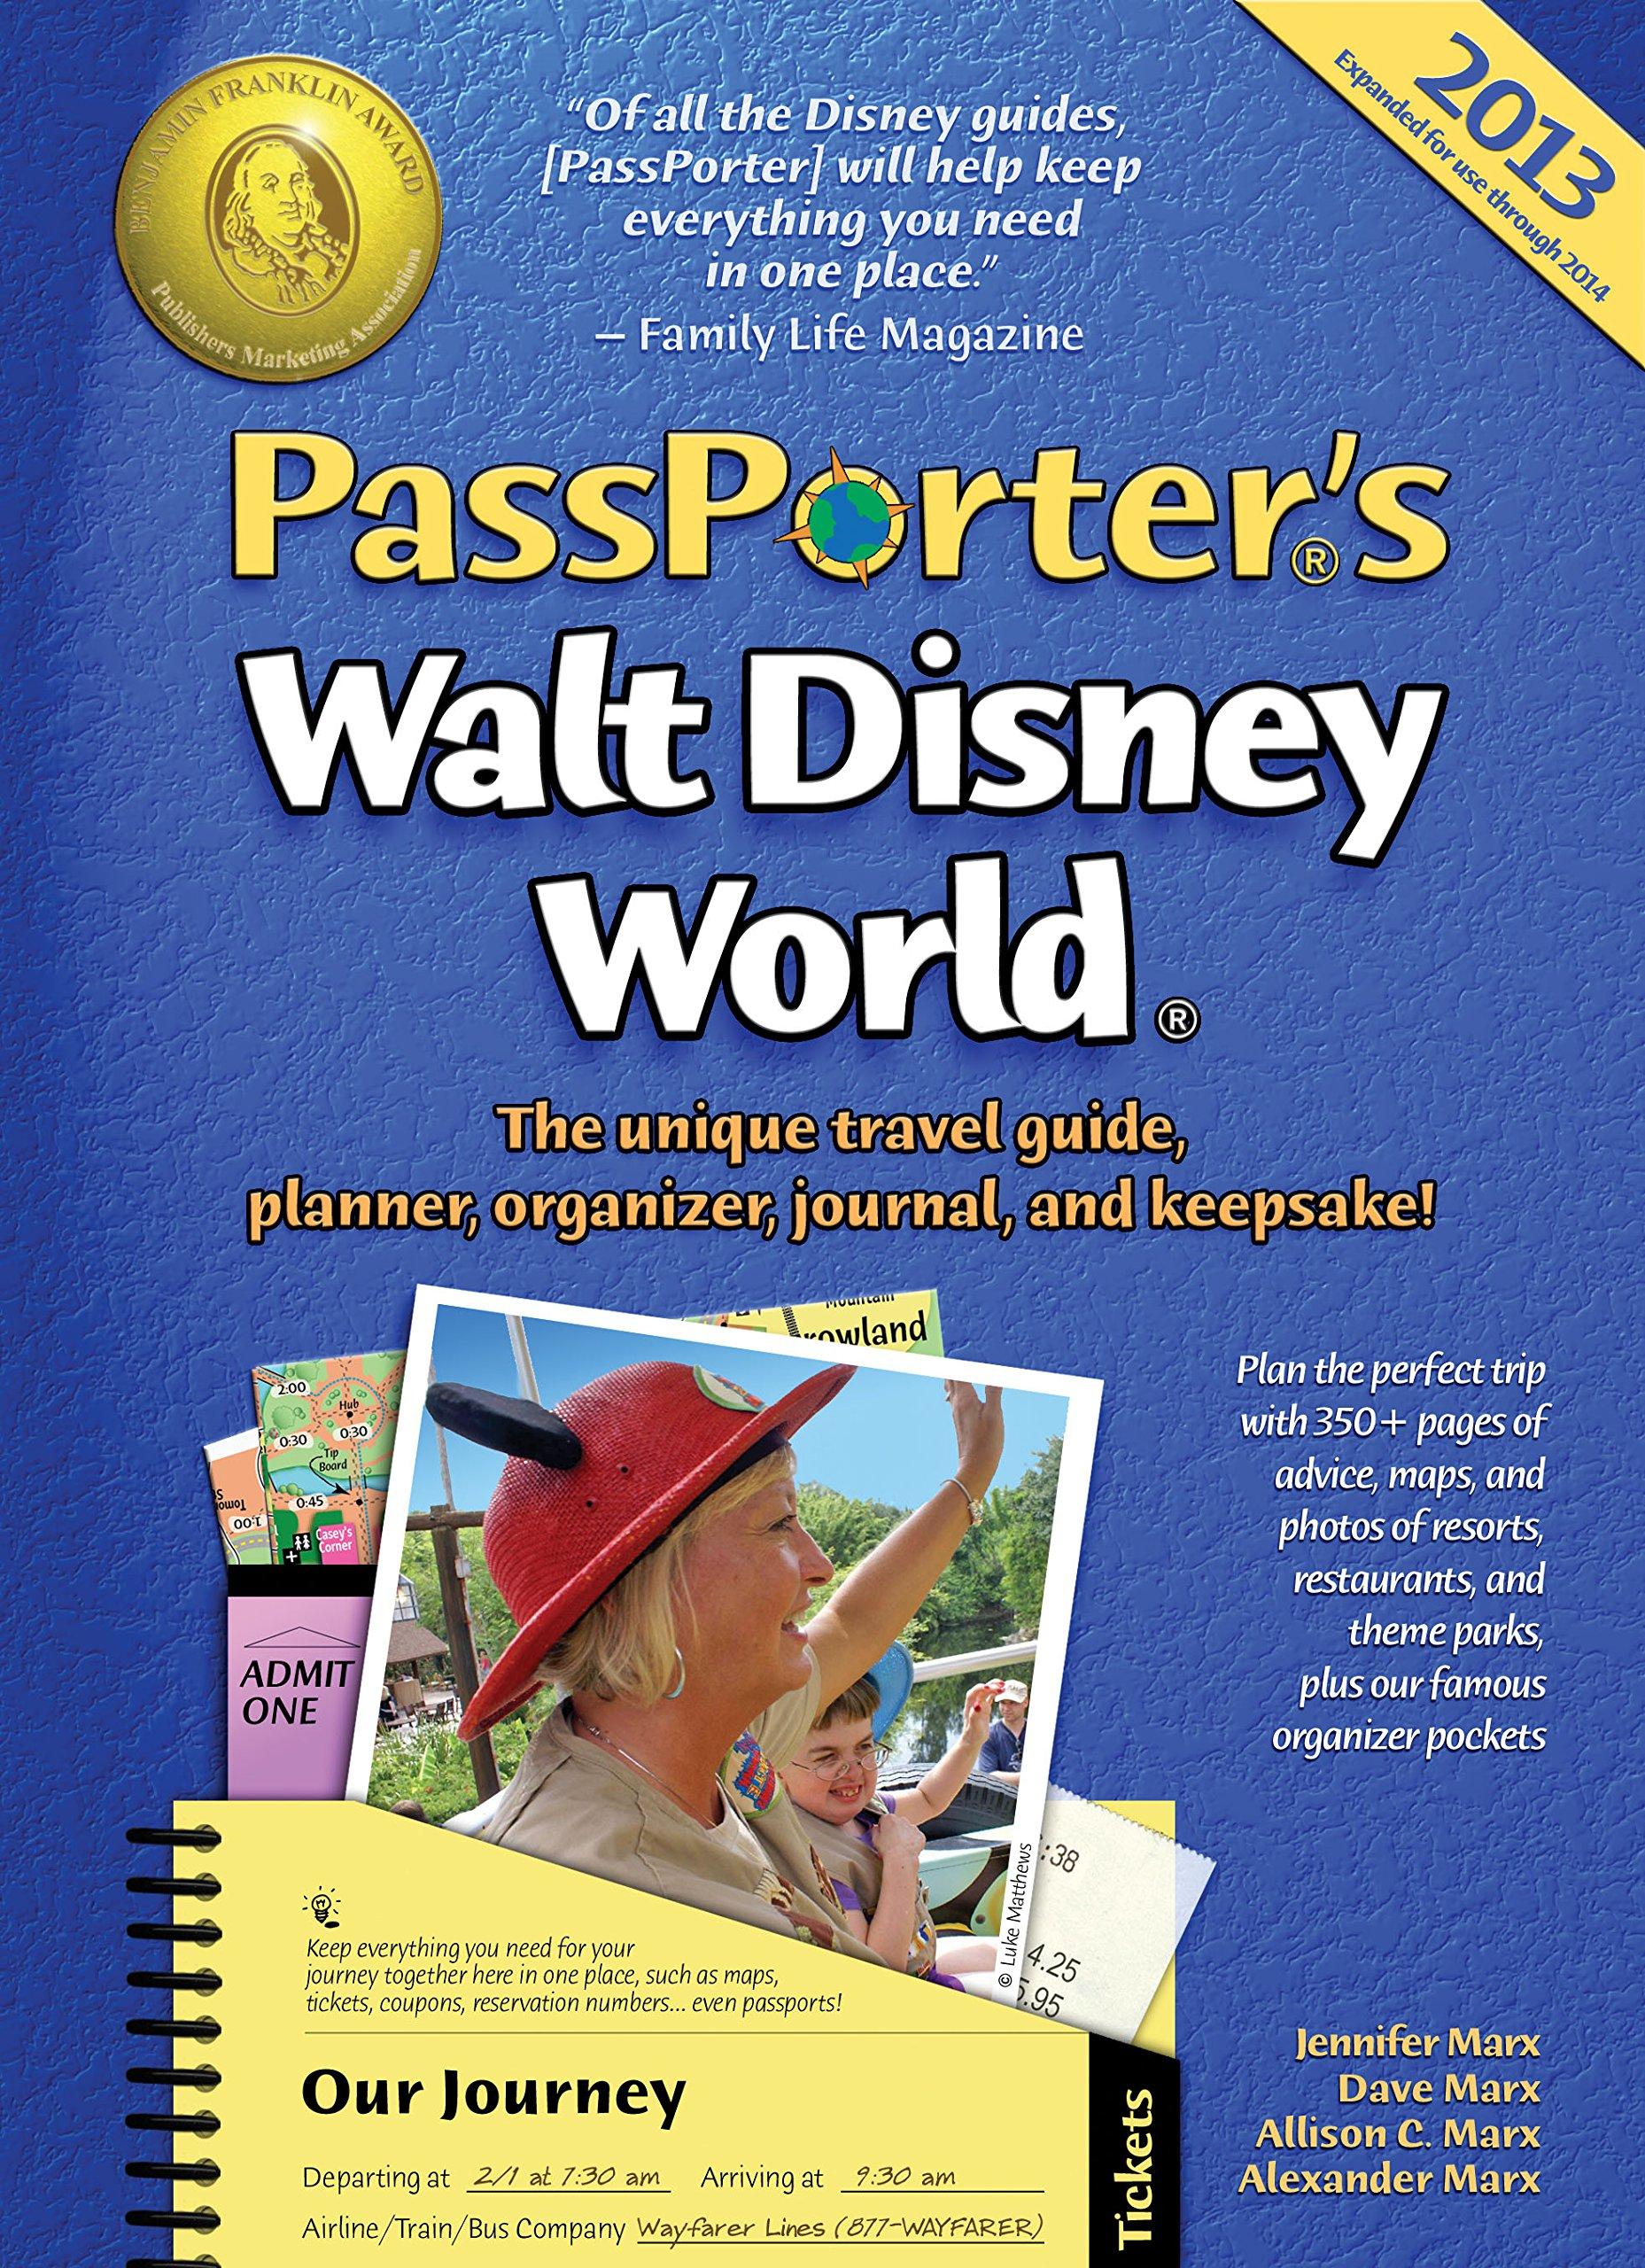 PassPorter's Walt Disney World 2013: The Unique Travel Guide, Planner, Organizer, Journal, and Keepsake! pdf epub